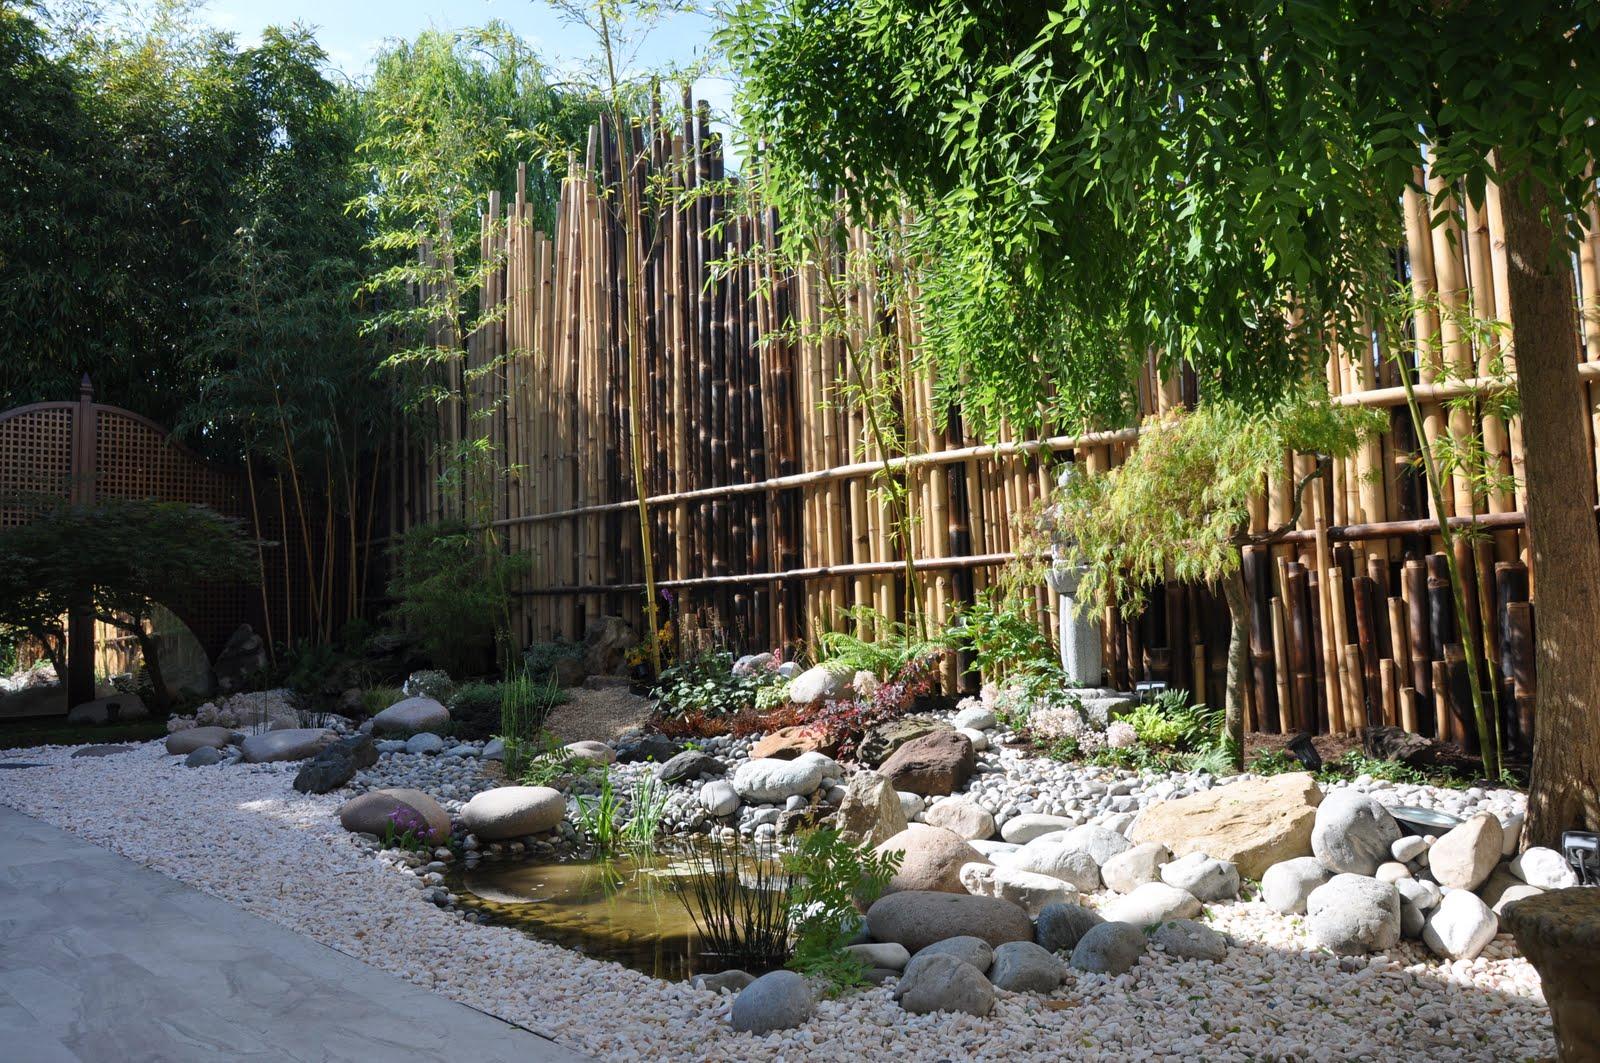 Taffin Une Palissade En Bambous Pour Un Jardin Japonais Dans Le Val D 39 Oise